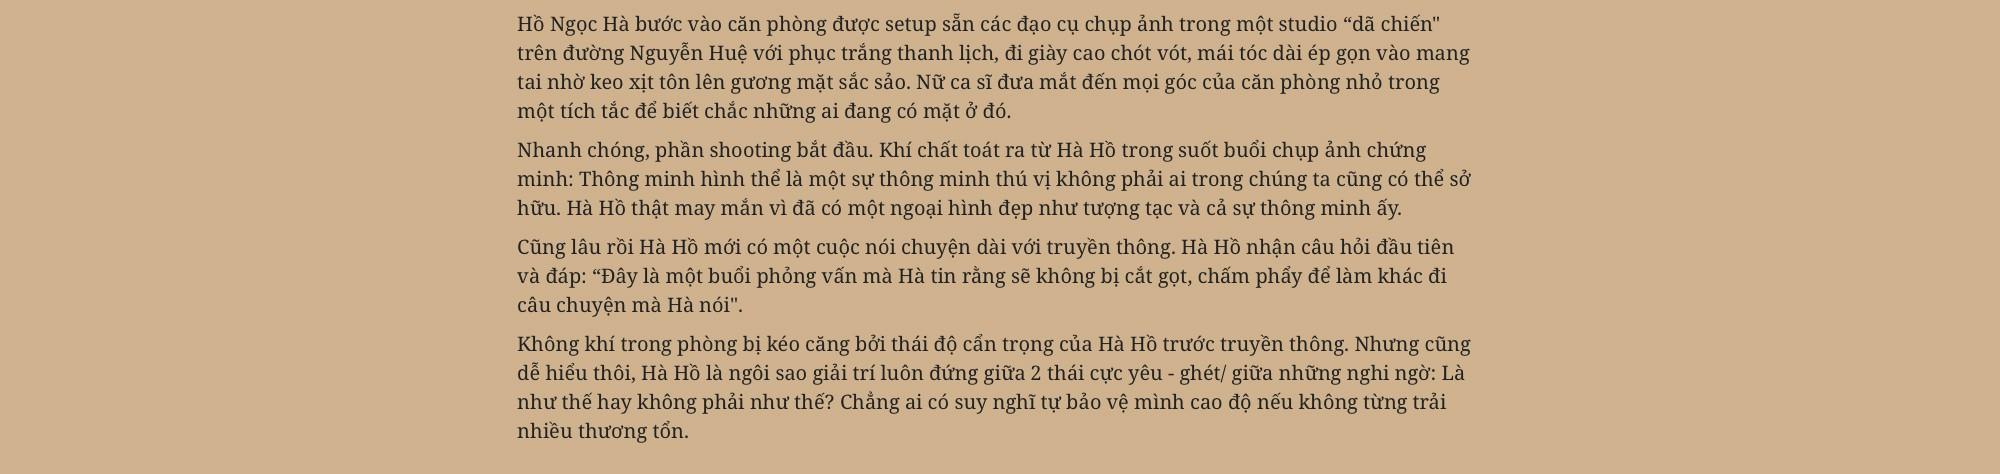 Hồ Ngọc Hà: Không bao giờ làm điều gì để những người phụ nữ khác phải đau lòng giống như lời đồn - Ảnh 2.